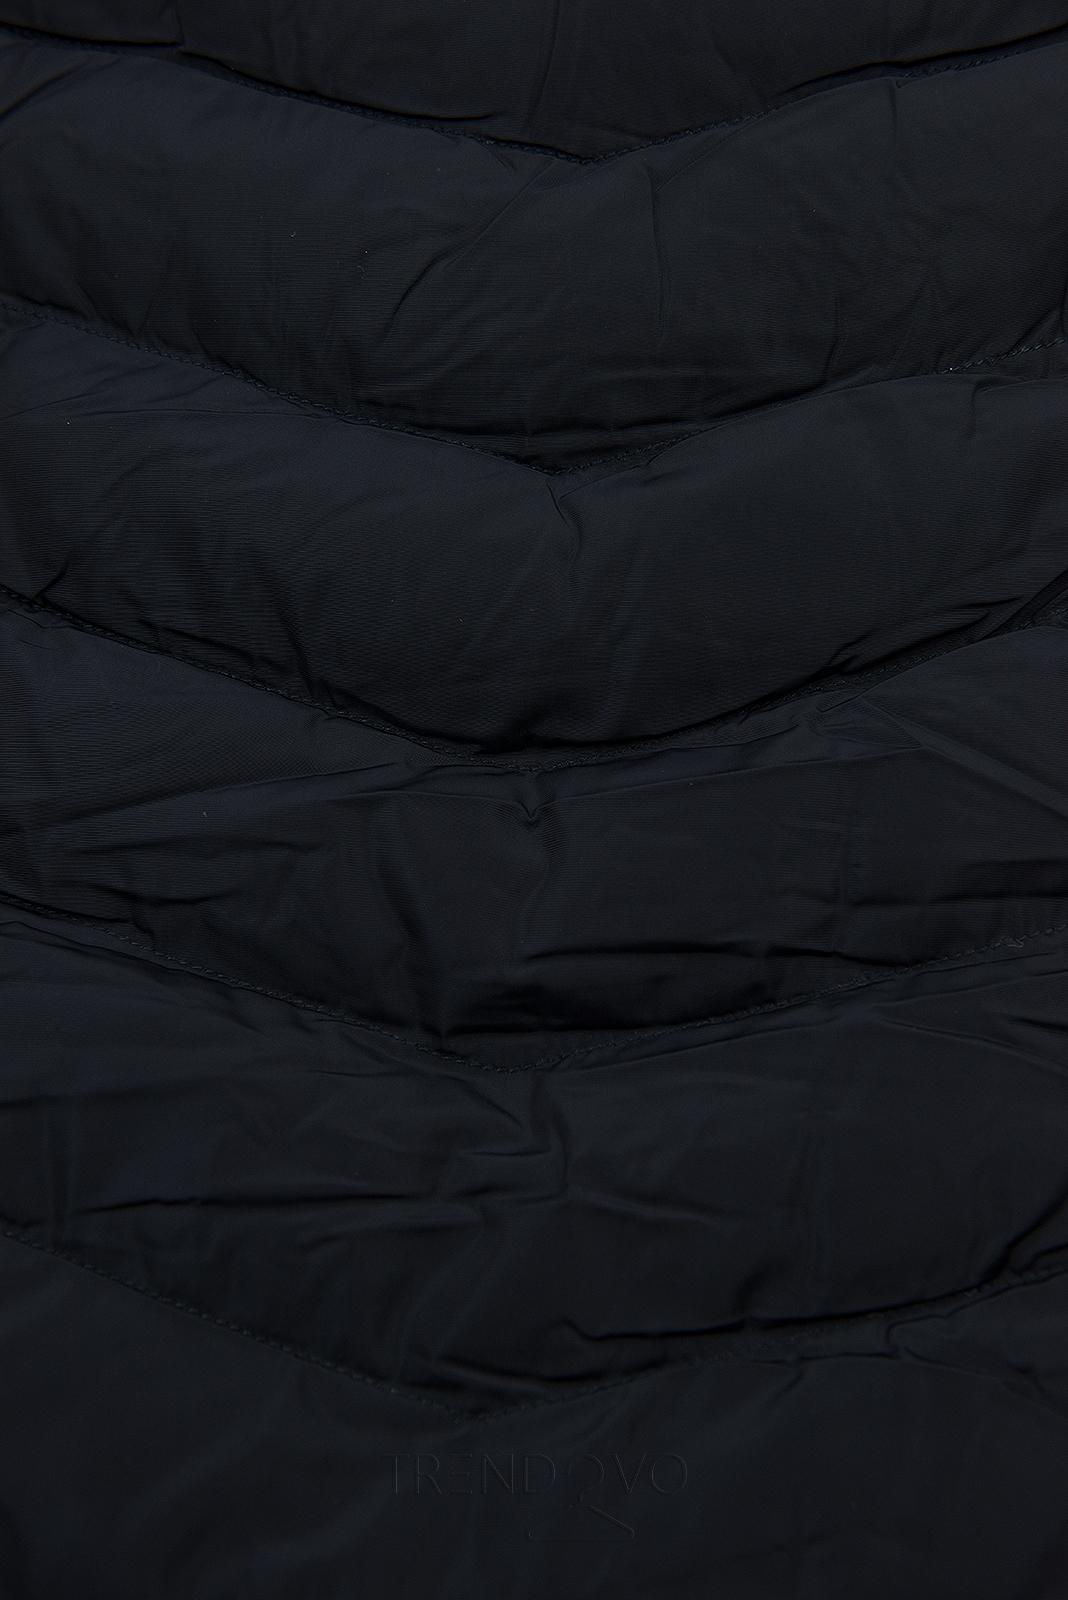 Tmavomodrá bunda na obdobie jeseň/zima